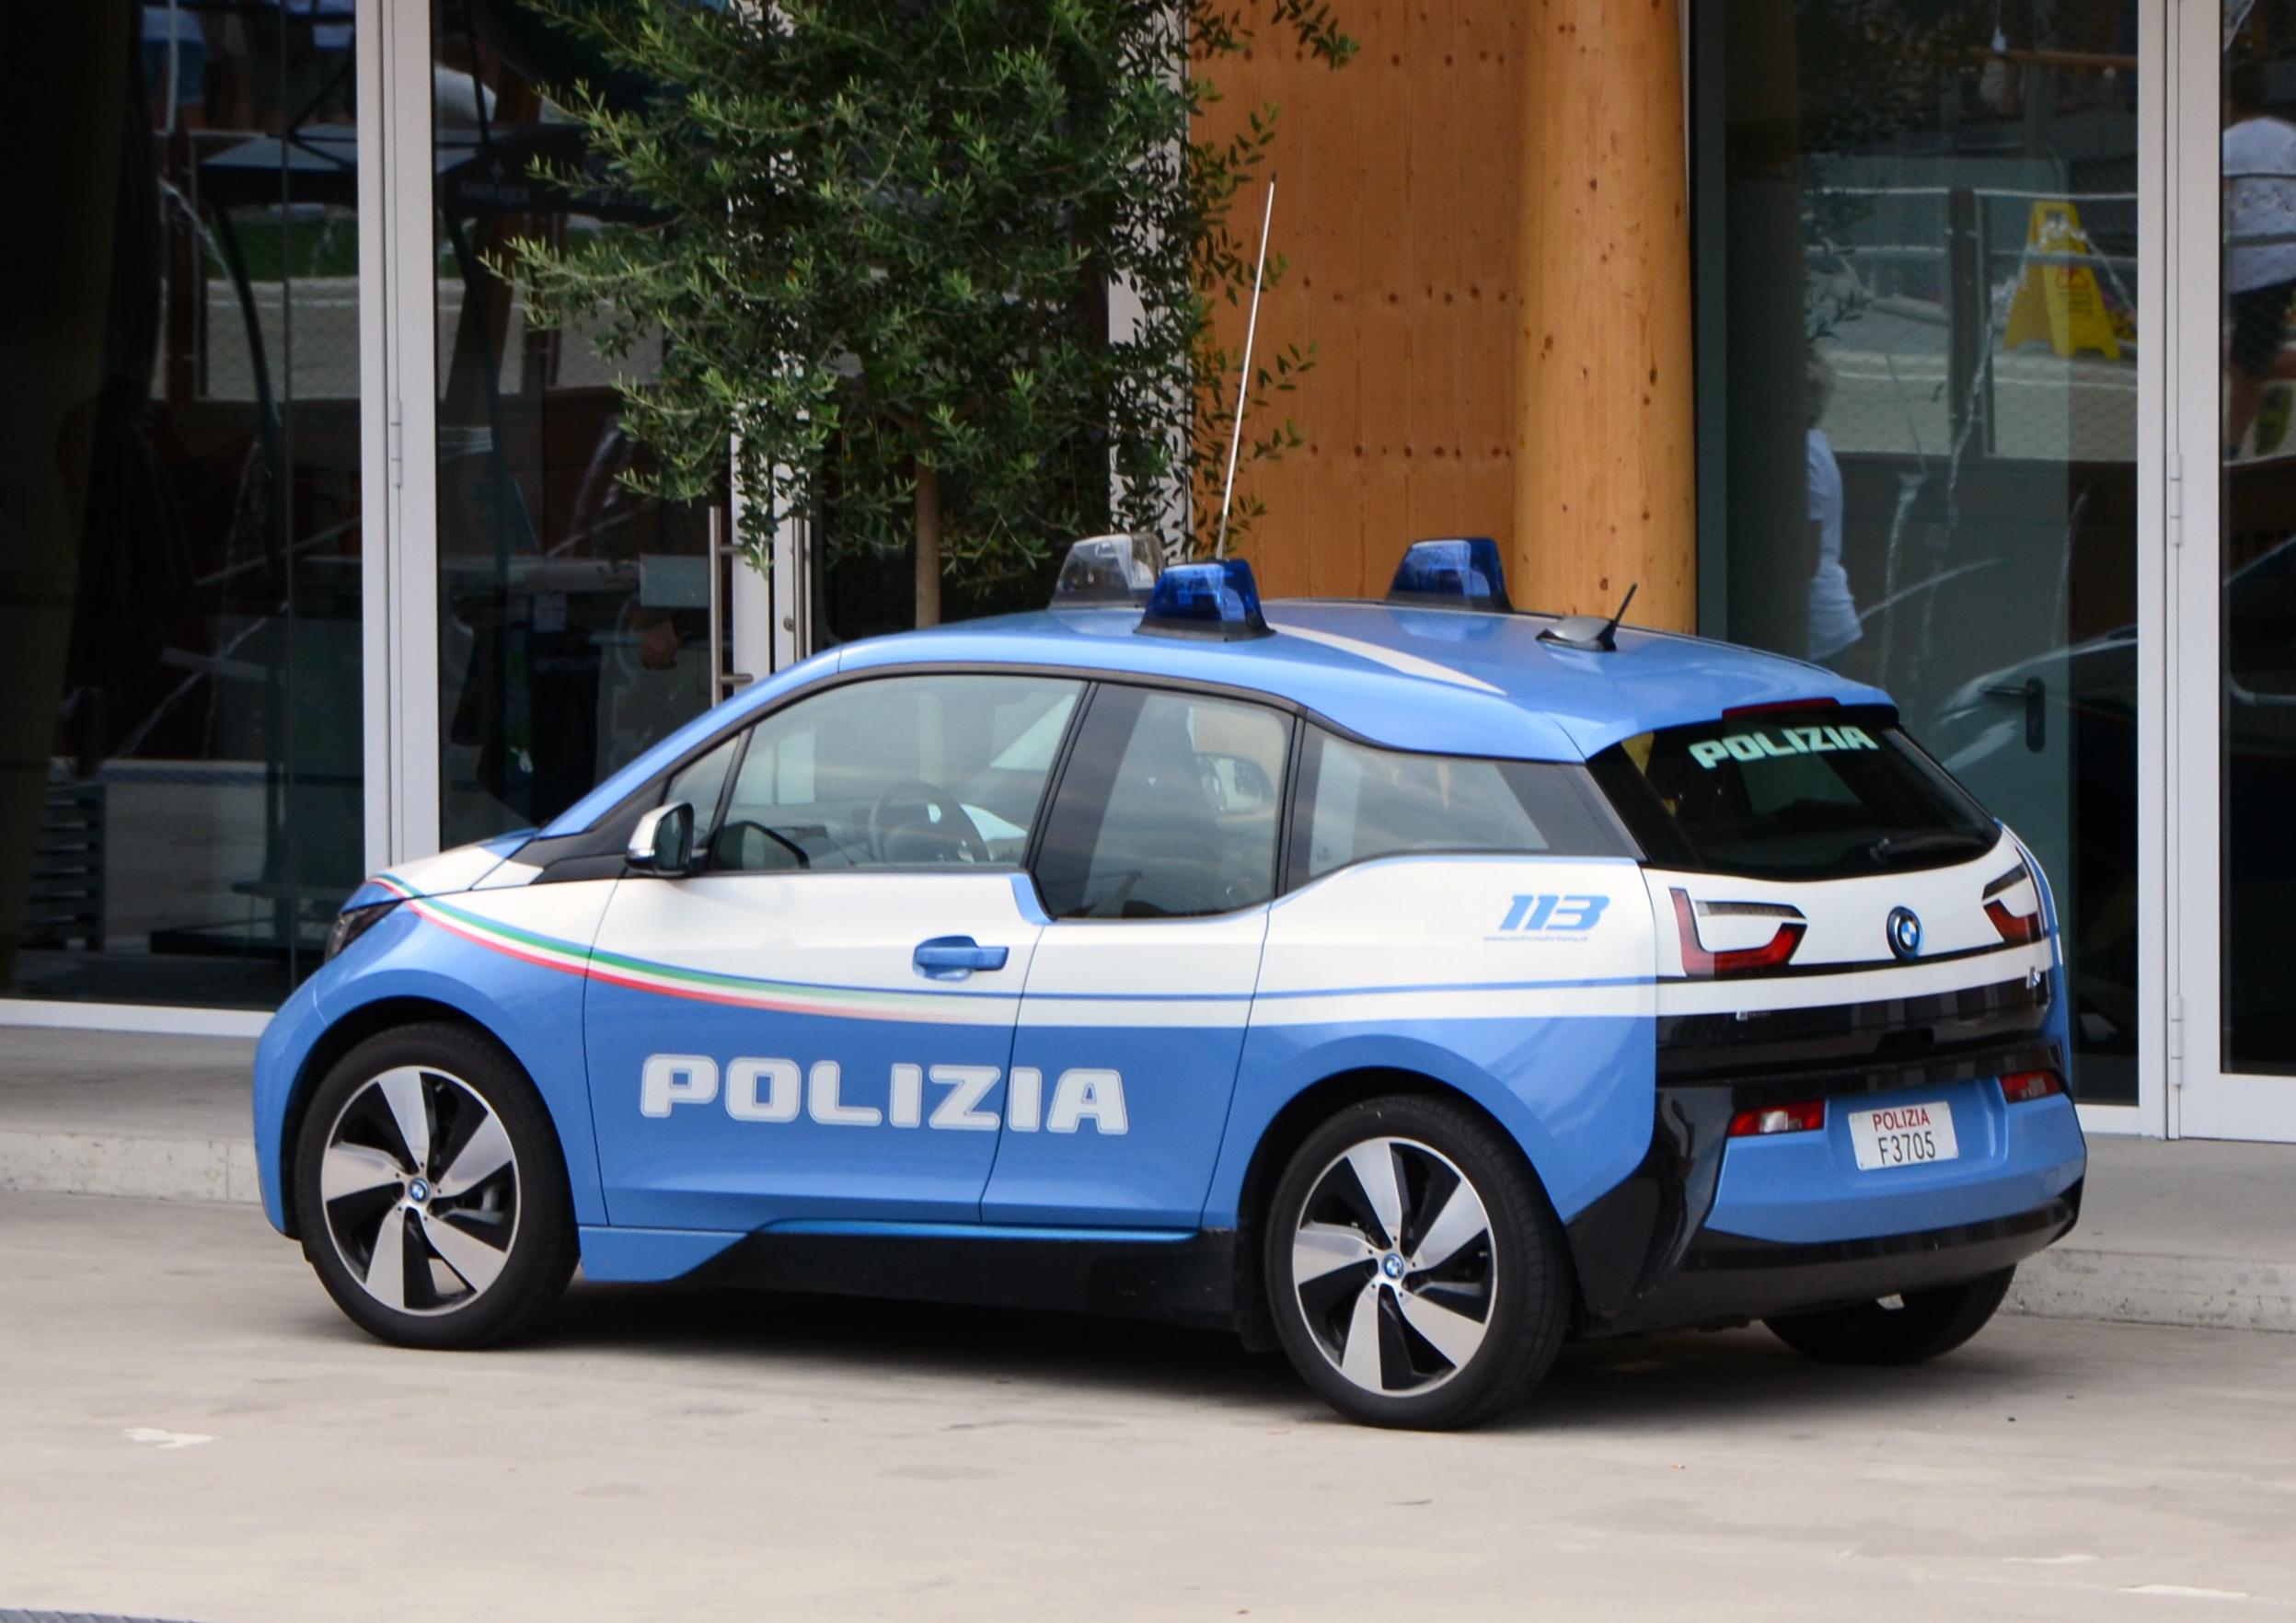 Radio scanner polizia online dating